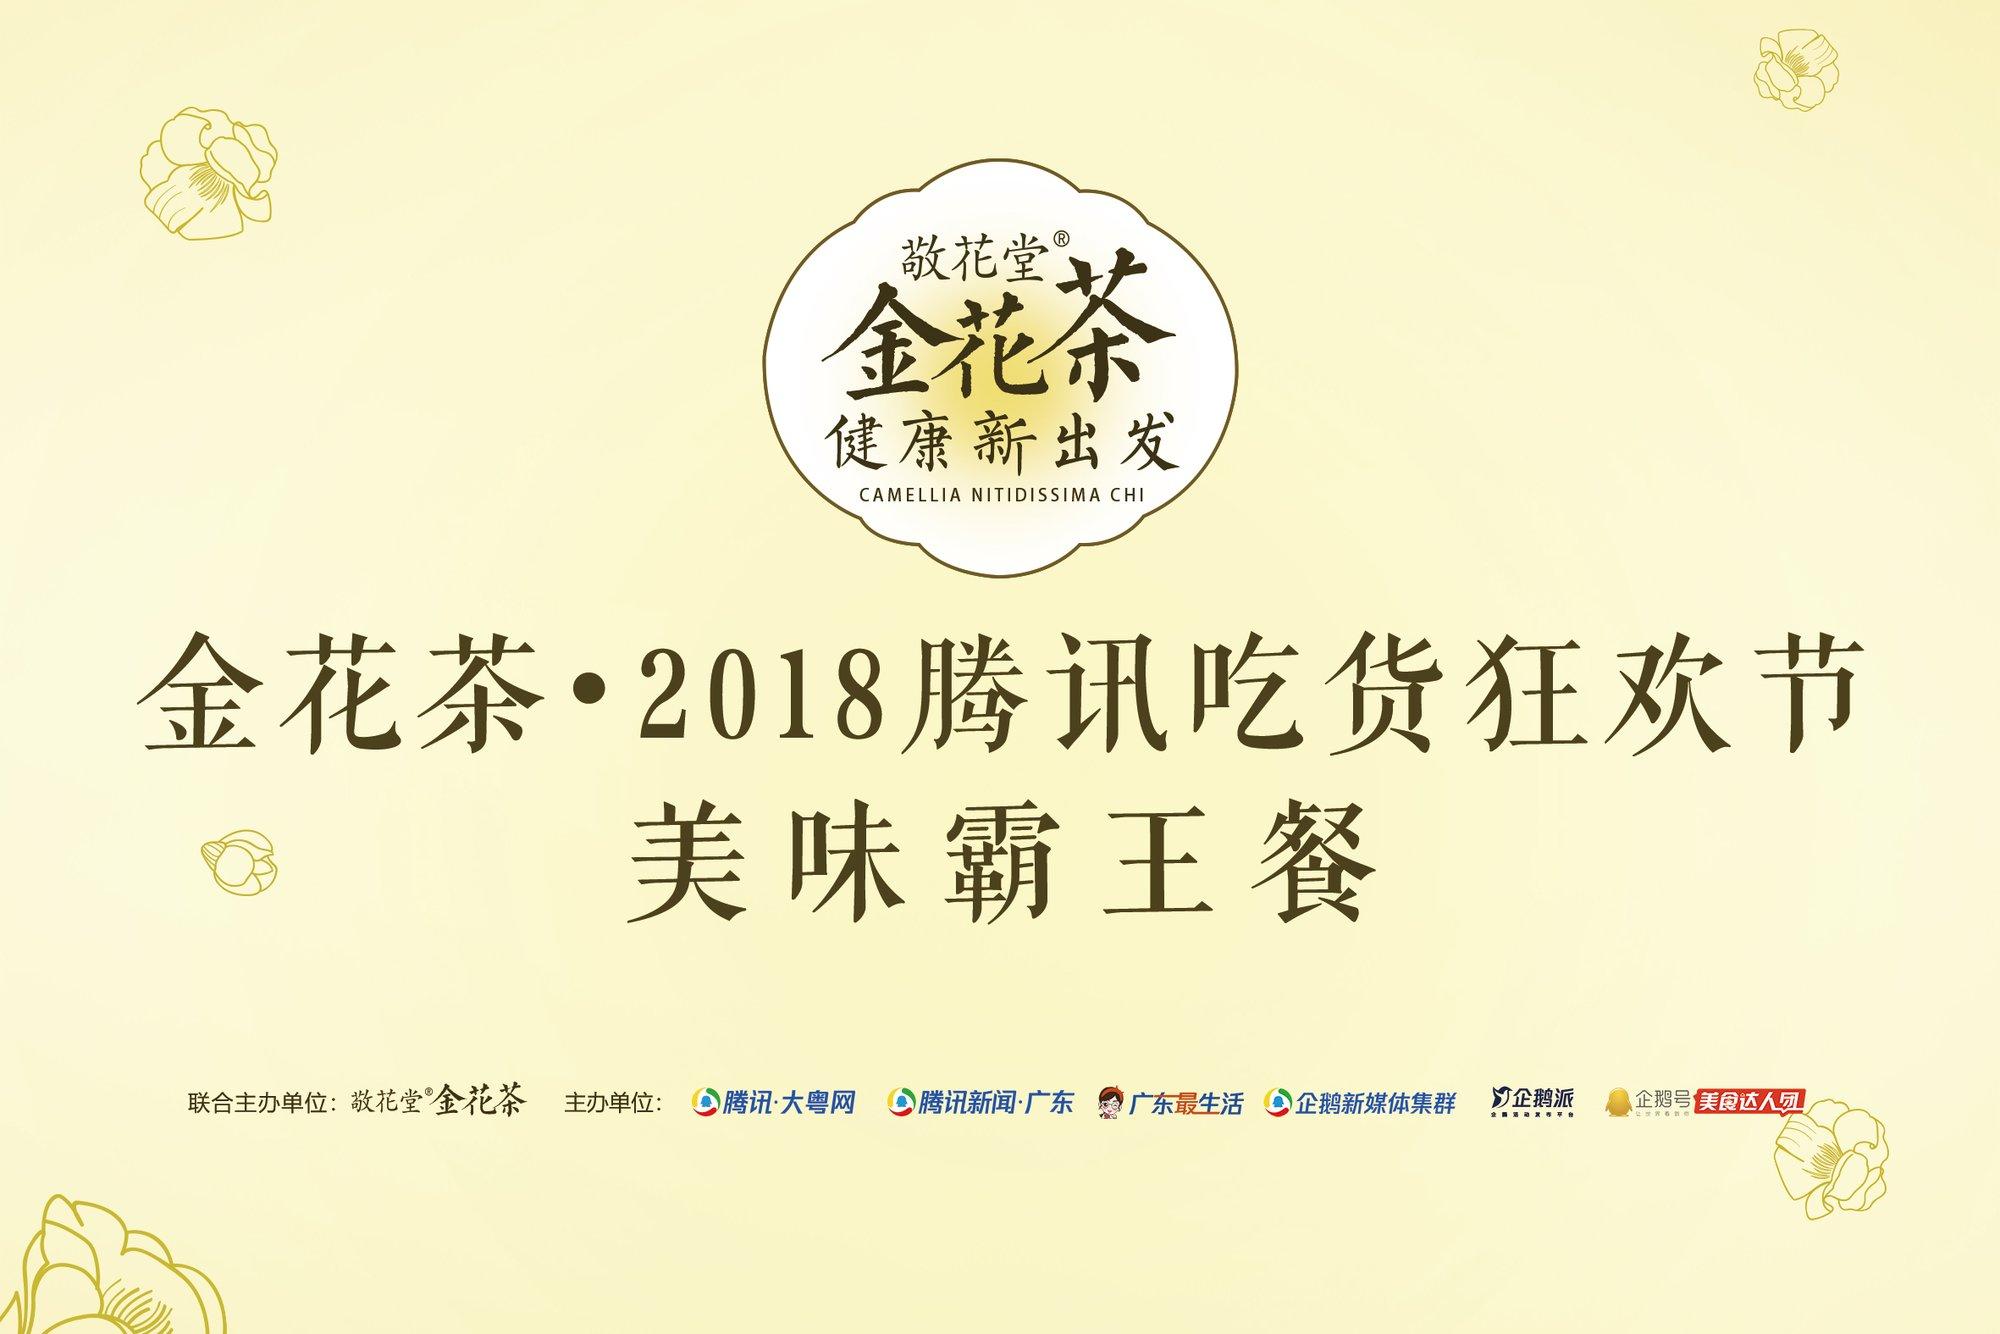 2018腾讯吃货狂欢节福利第二波!